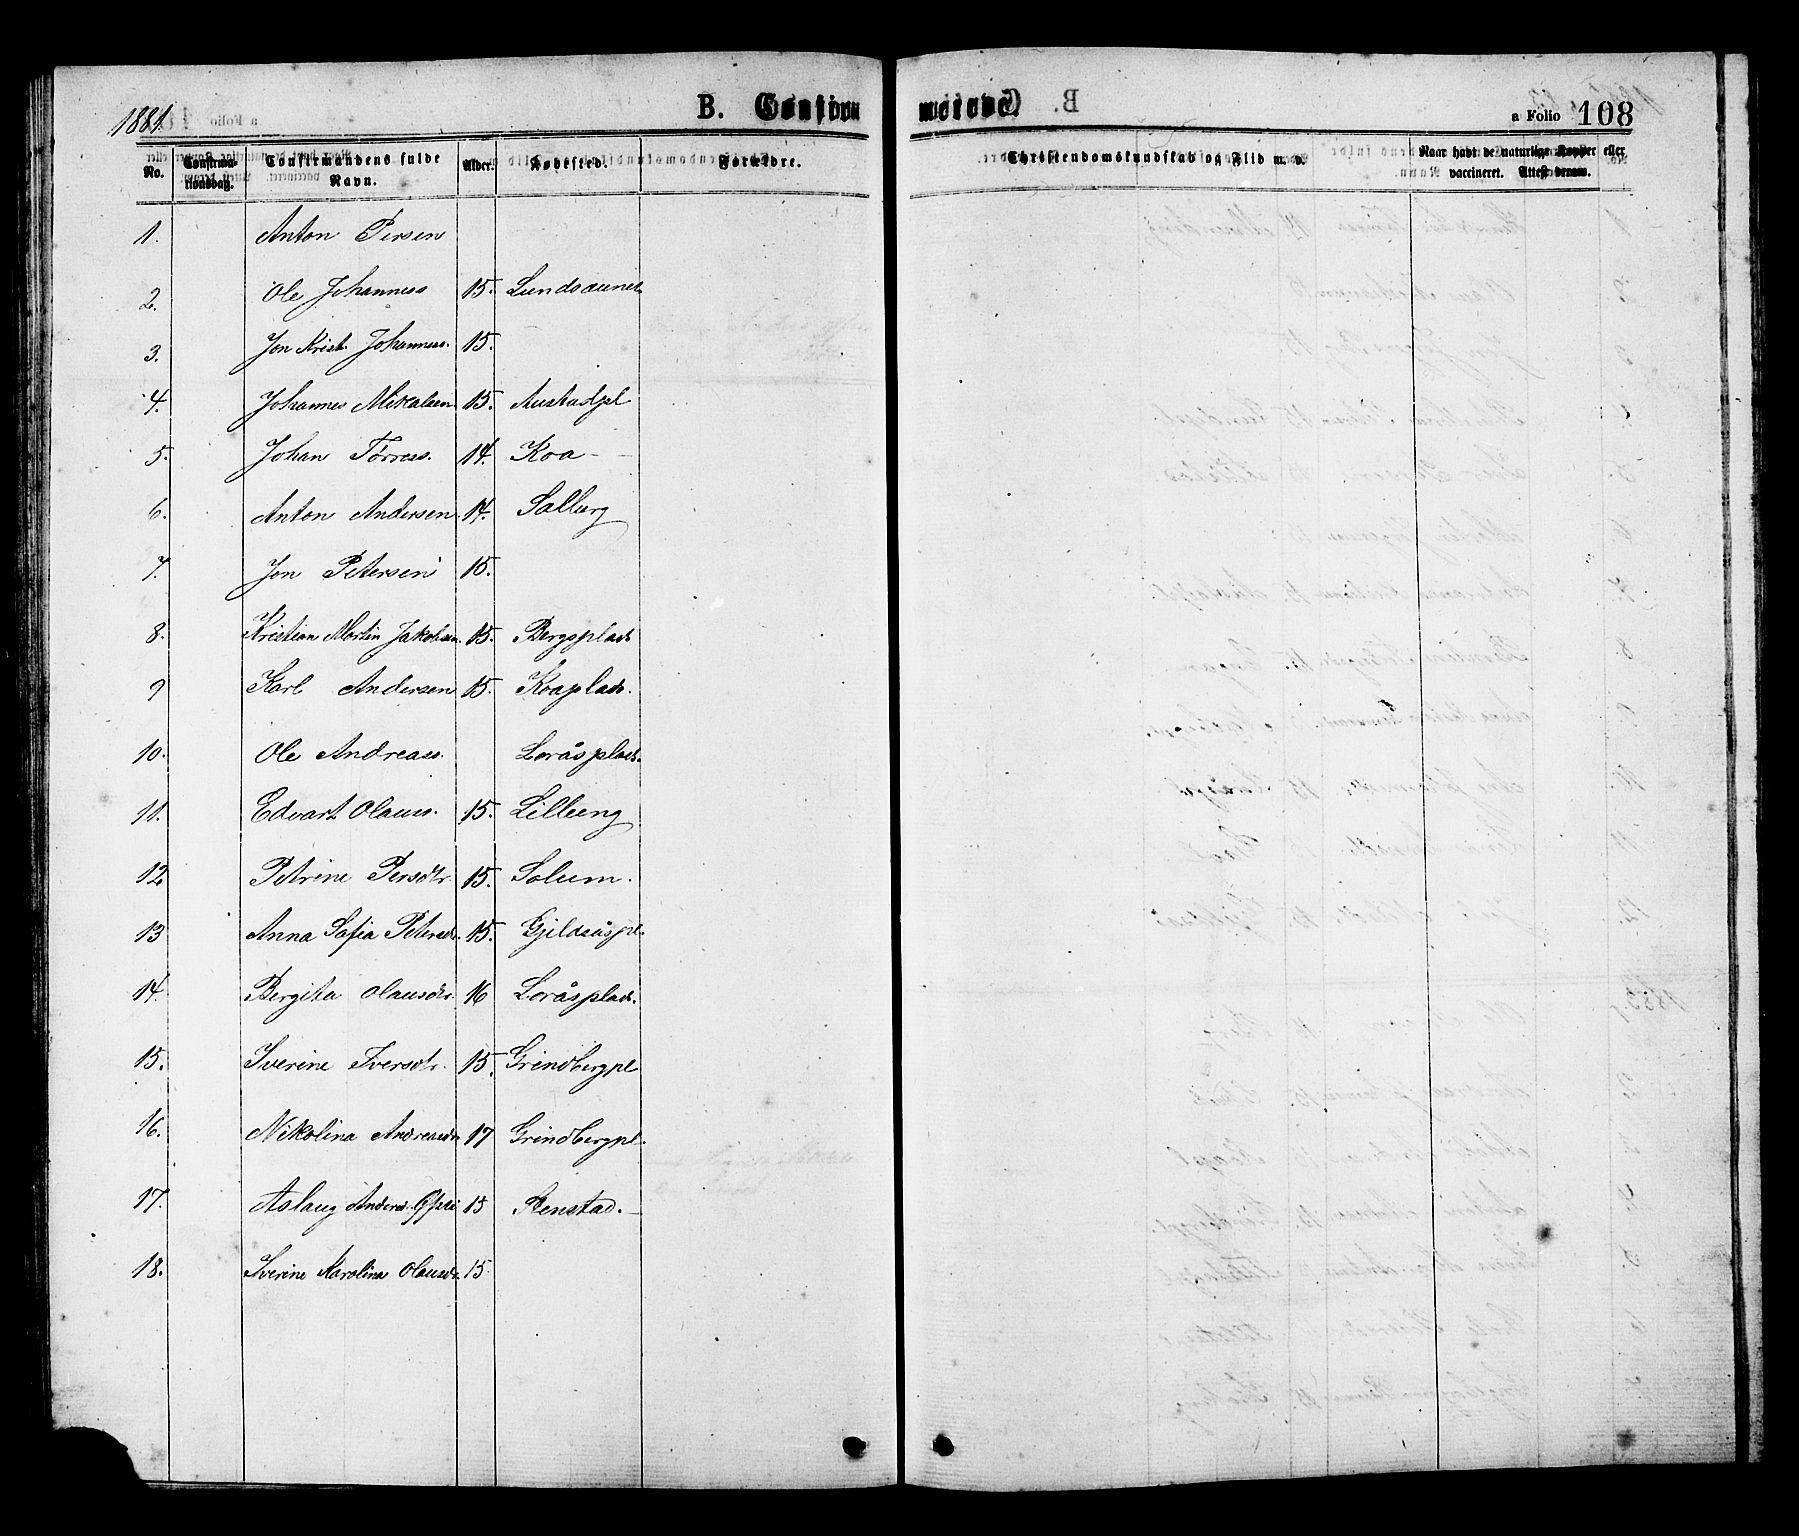 SAT, Ministerialprotokoller, klokkerbøker og fødselsregistre - Nord-Trøndelag, 731/L0311: Klokkerbok nr. 731C02, 1875-1911, s. 108